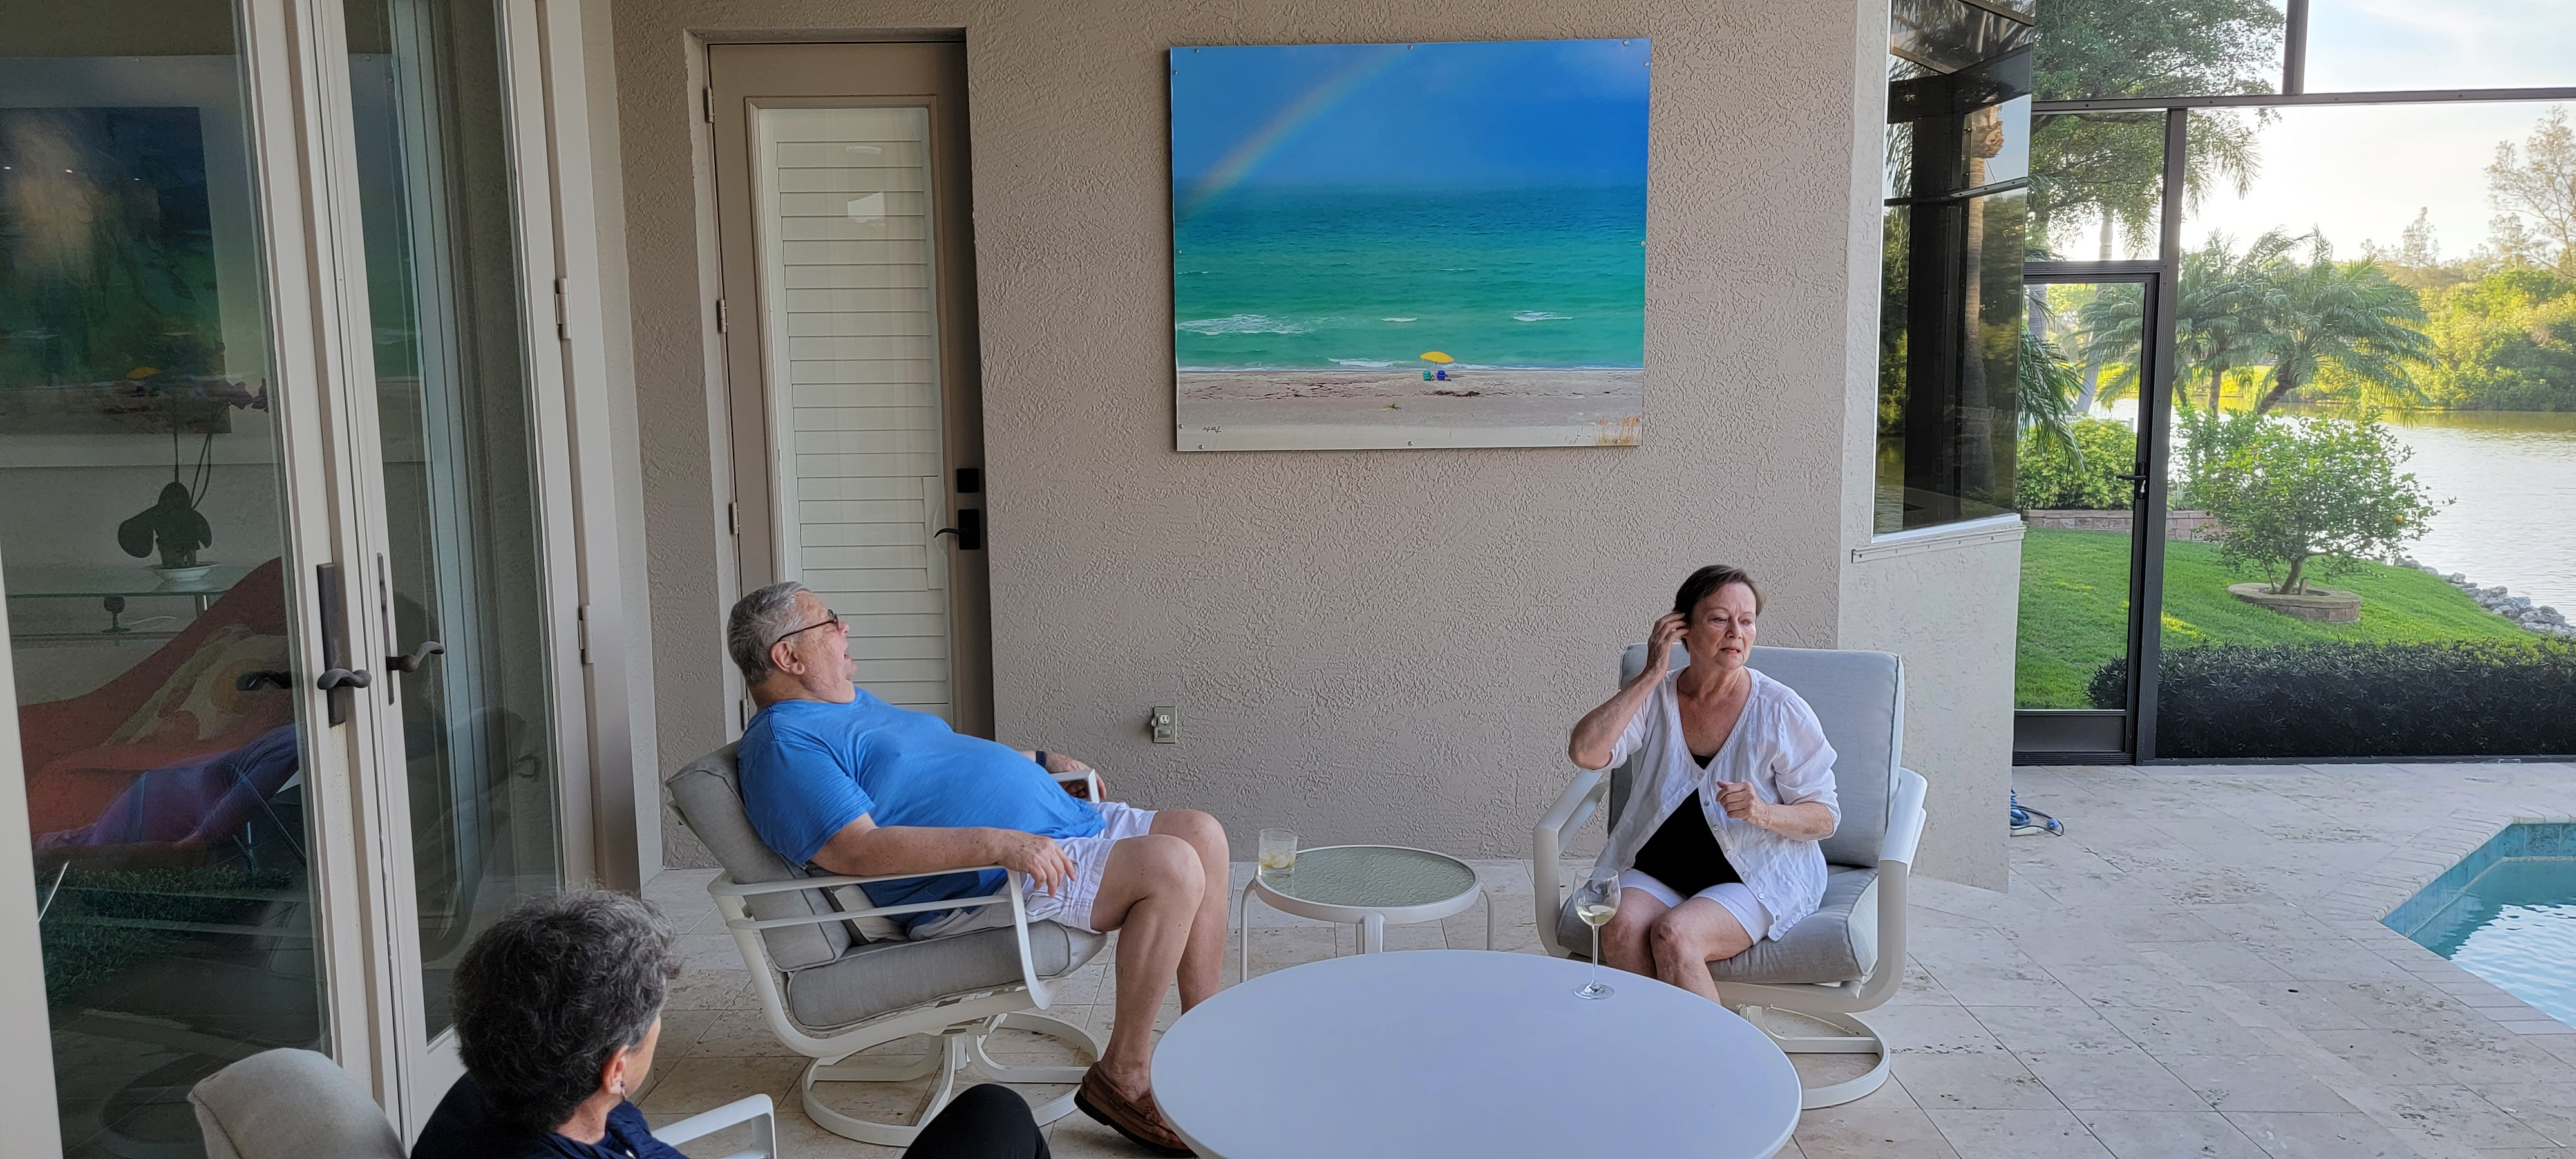 art-on-bay-isles-lanai-20210327-183311.jpg